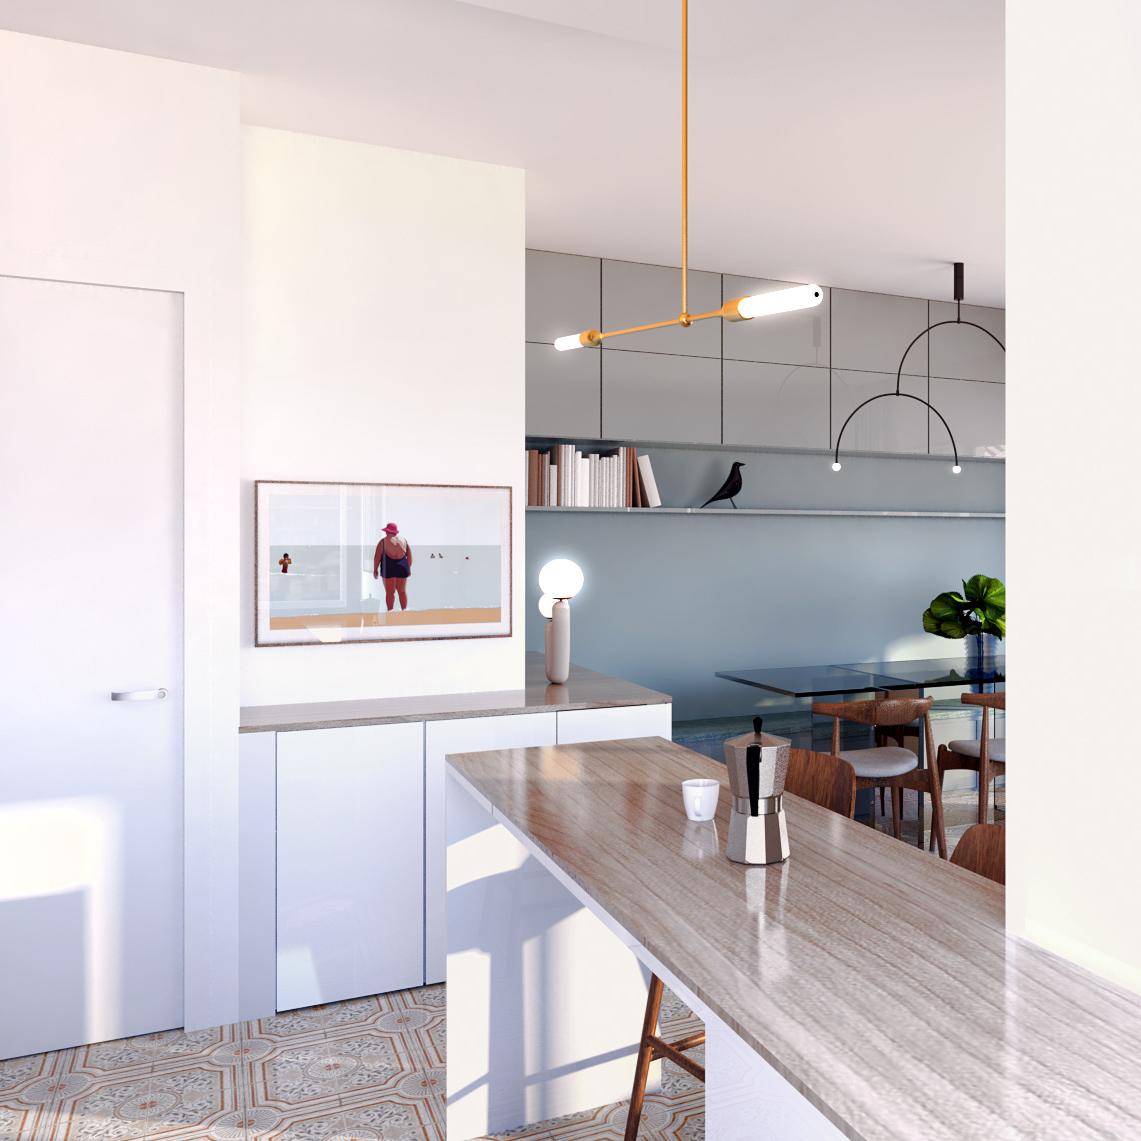 tv the frame : samsung, décoration et lampe doré